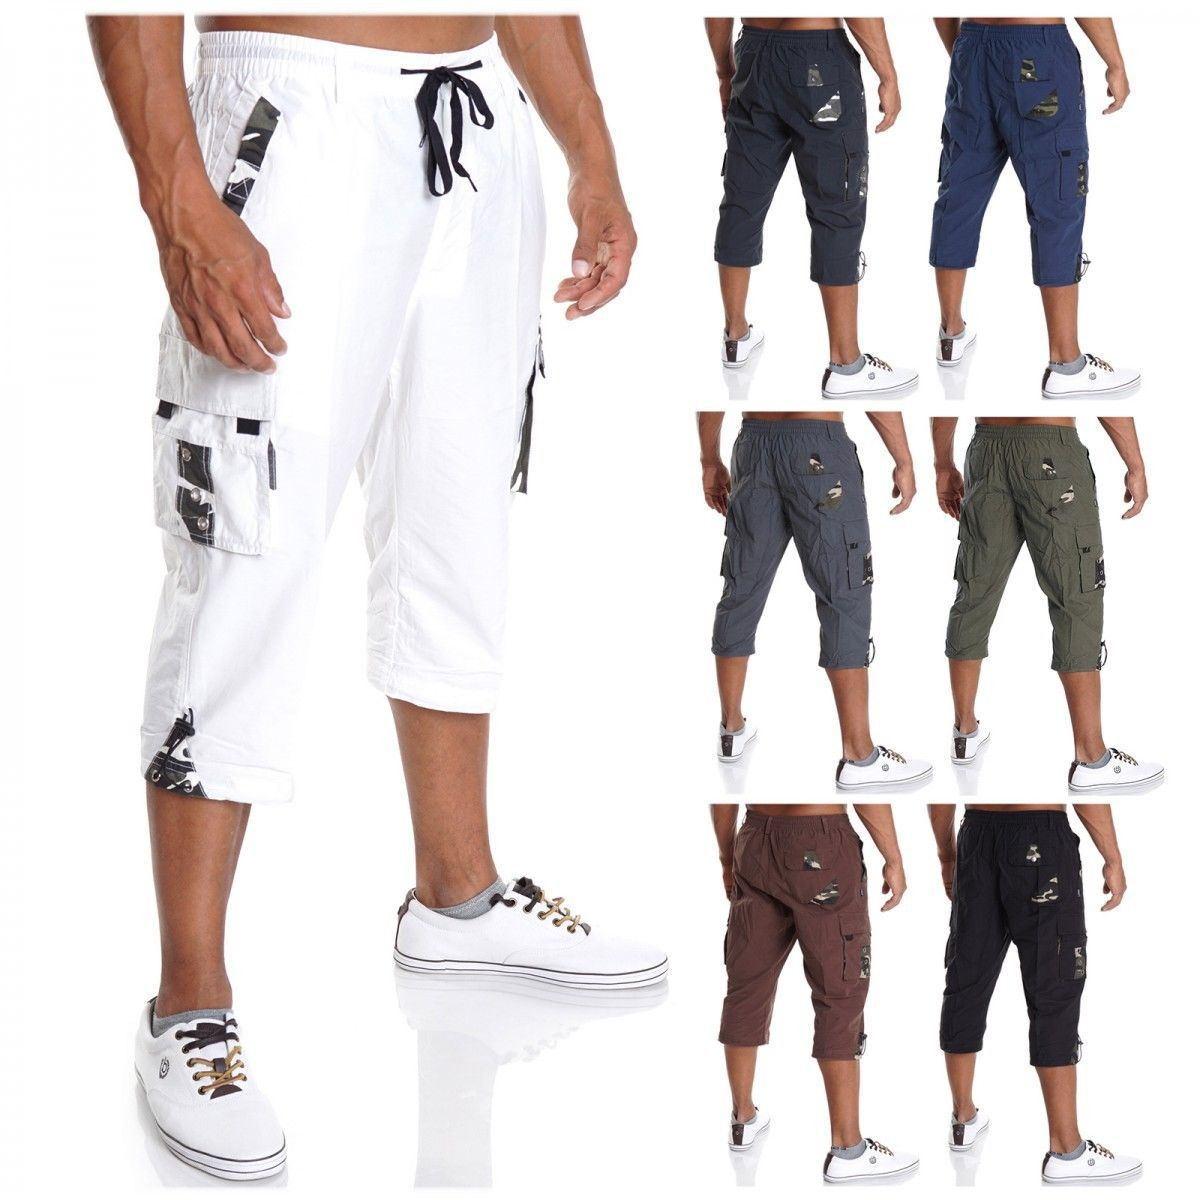 Новинка 2021, мужские повседневные брюки ZOGAA, укороченные брюки, повседневные стильные свободные мужские брюки, спортивные брюки, подходят дл...